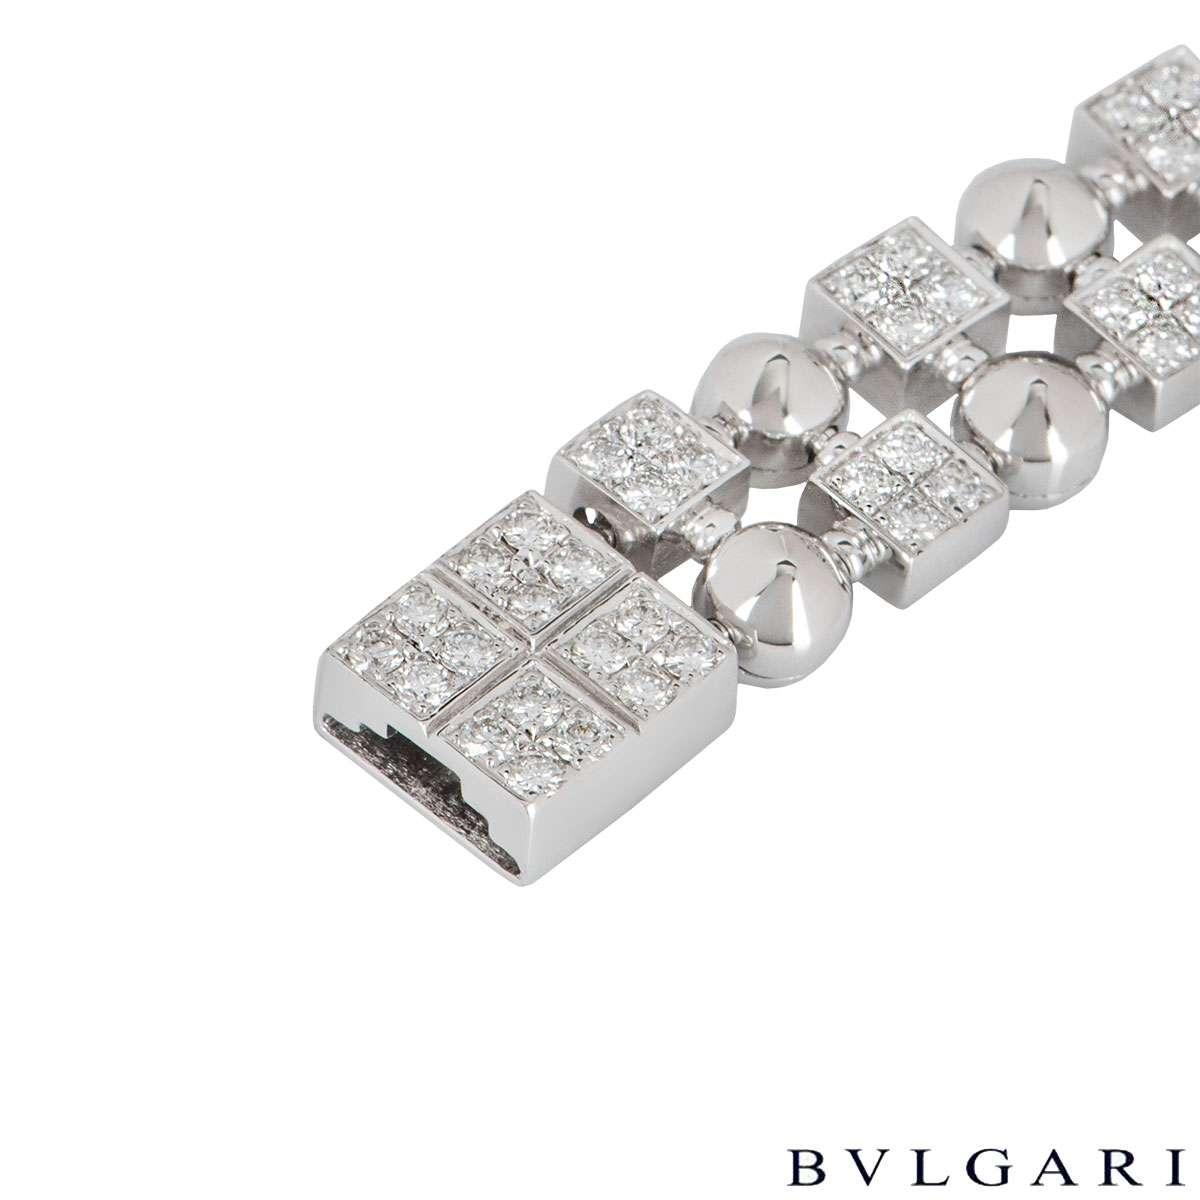 Bvlgari White Gold Diamond Lucea Bracelet